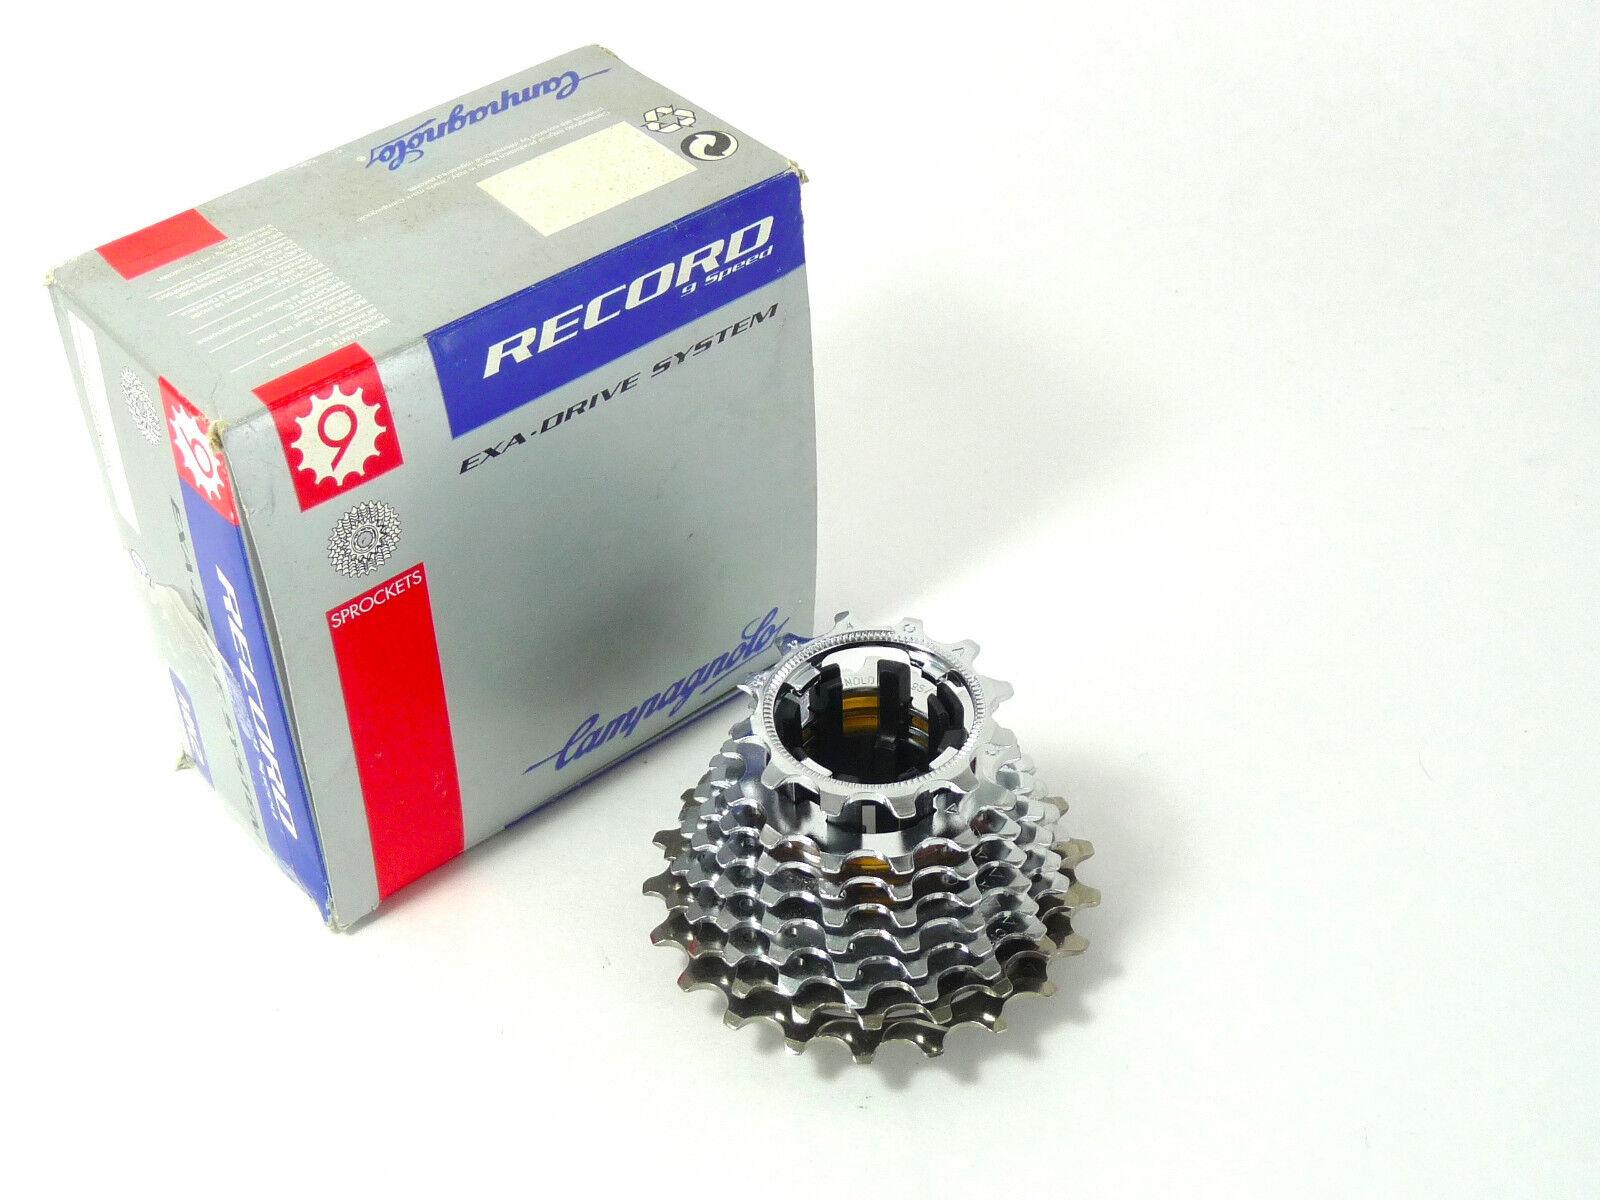 Campagnolo Record 9 Velocidad Bicicleta De Titanio De Unidad De Cassette 12-21 Exa Nuevo Viejo Stock